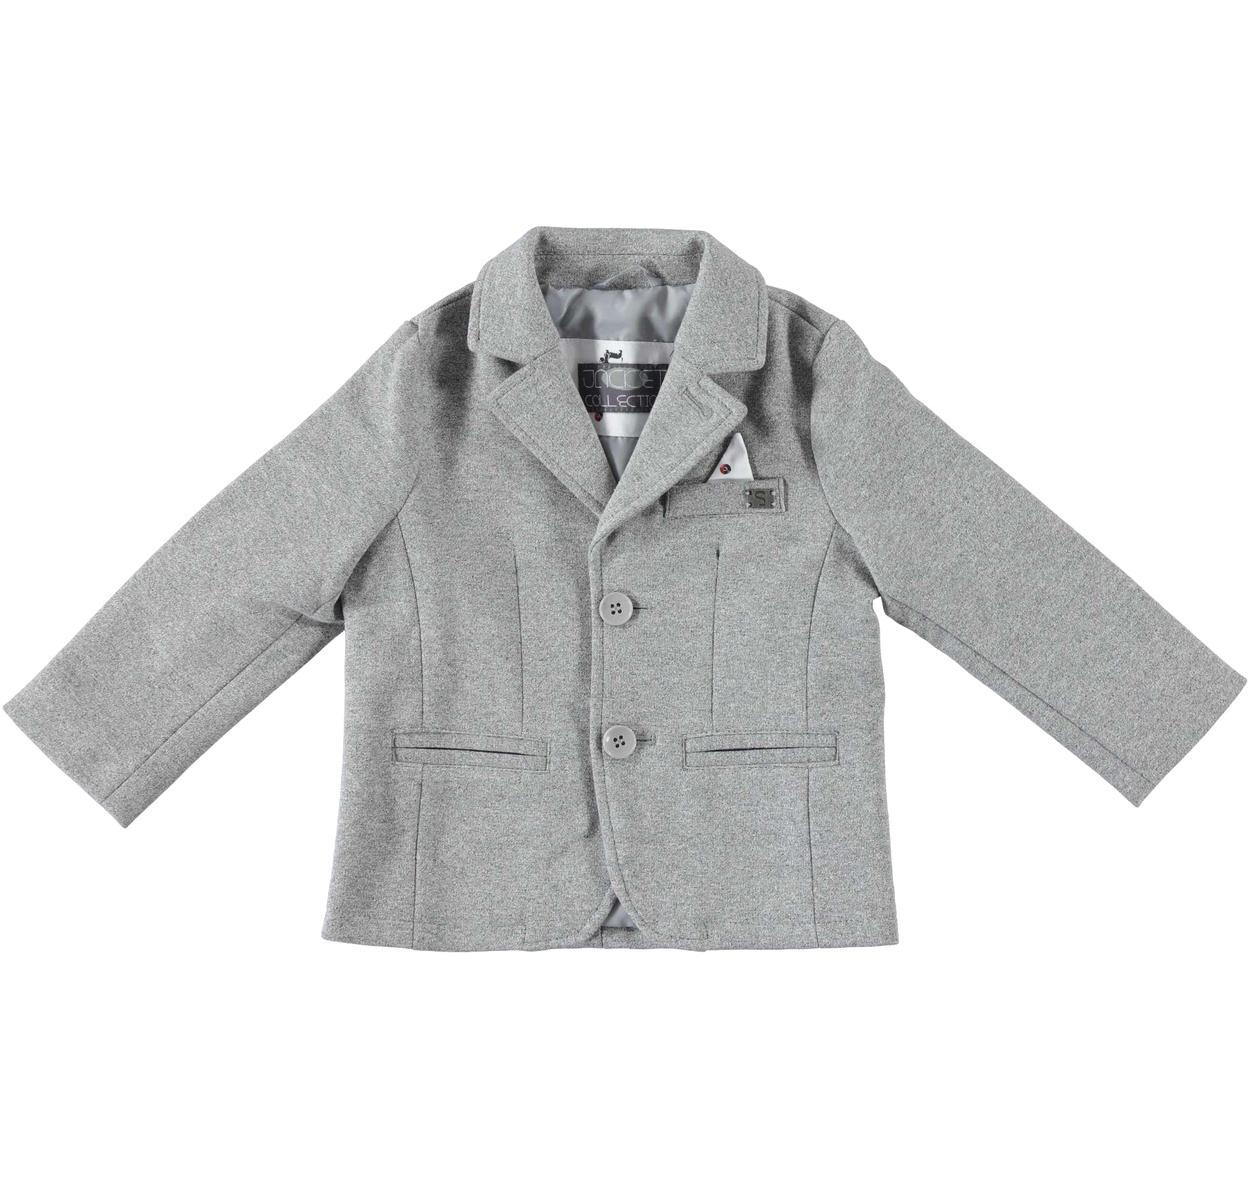 1daa92dd46db Giacca modello blazer in tessuto per bambino da 6 mesi a 7 anni Sarabanda